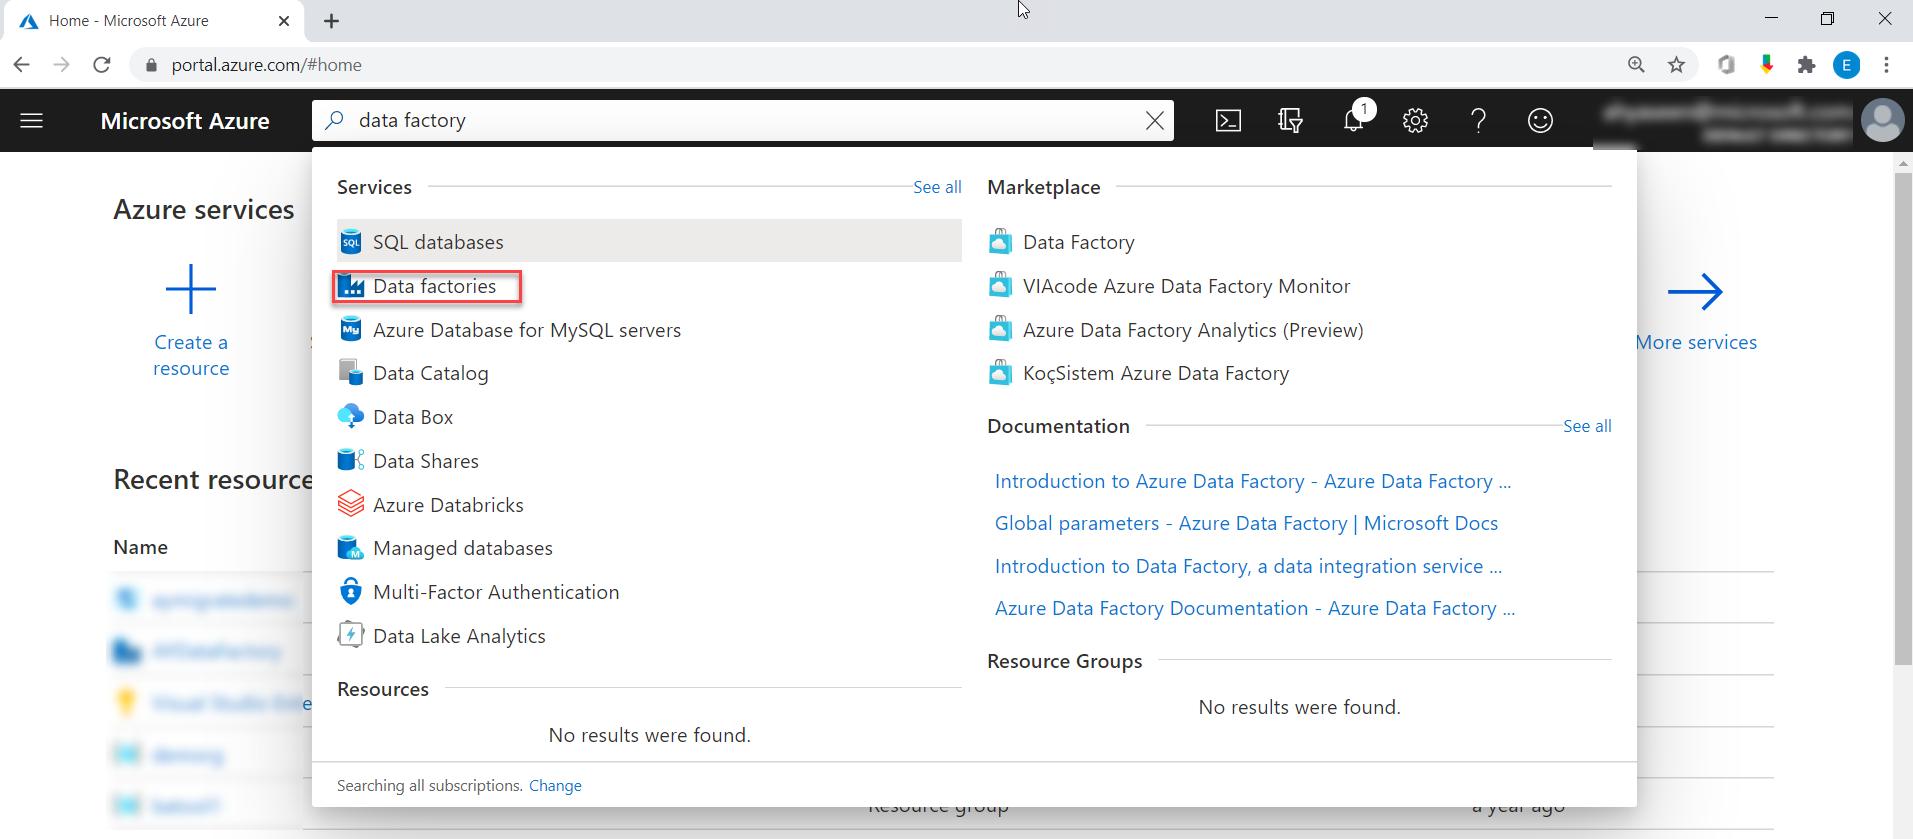 Azure Portal Search